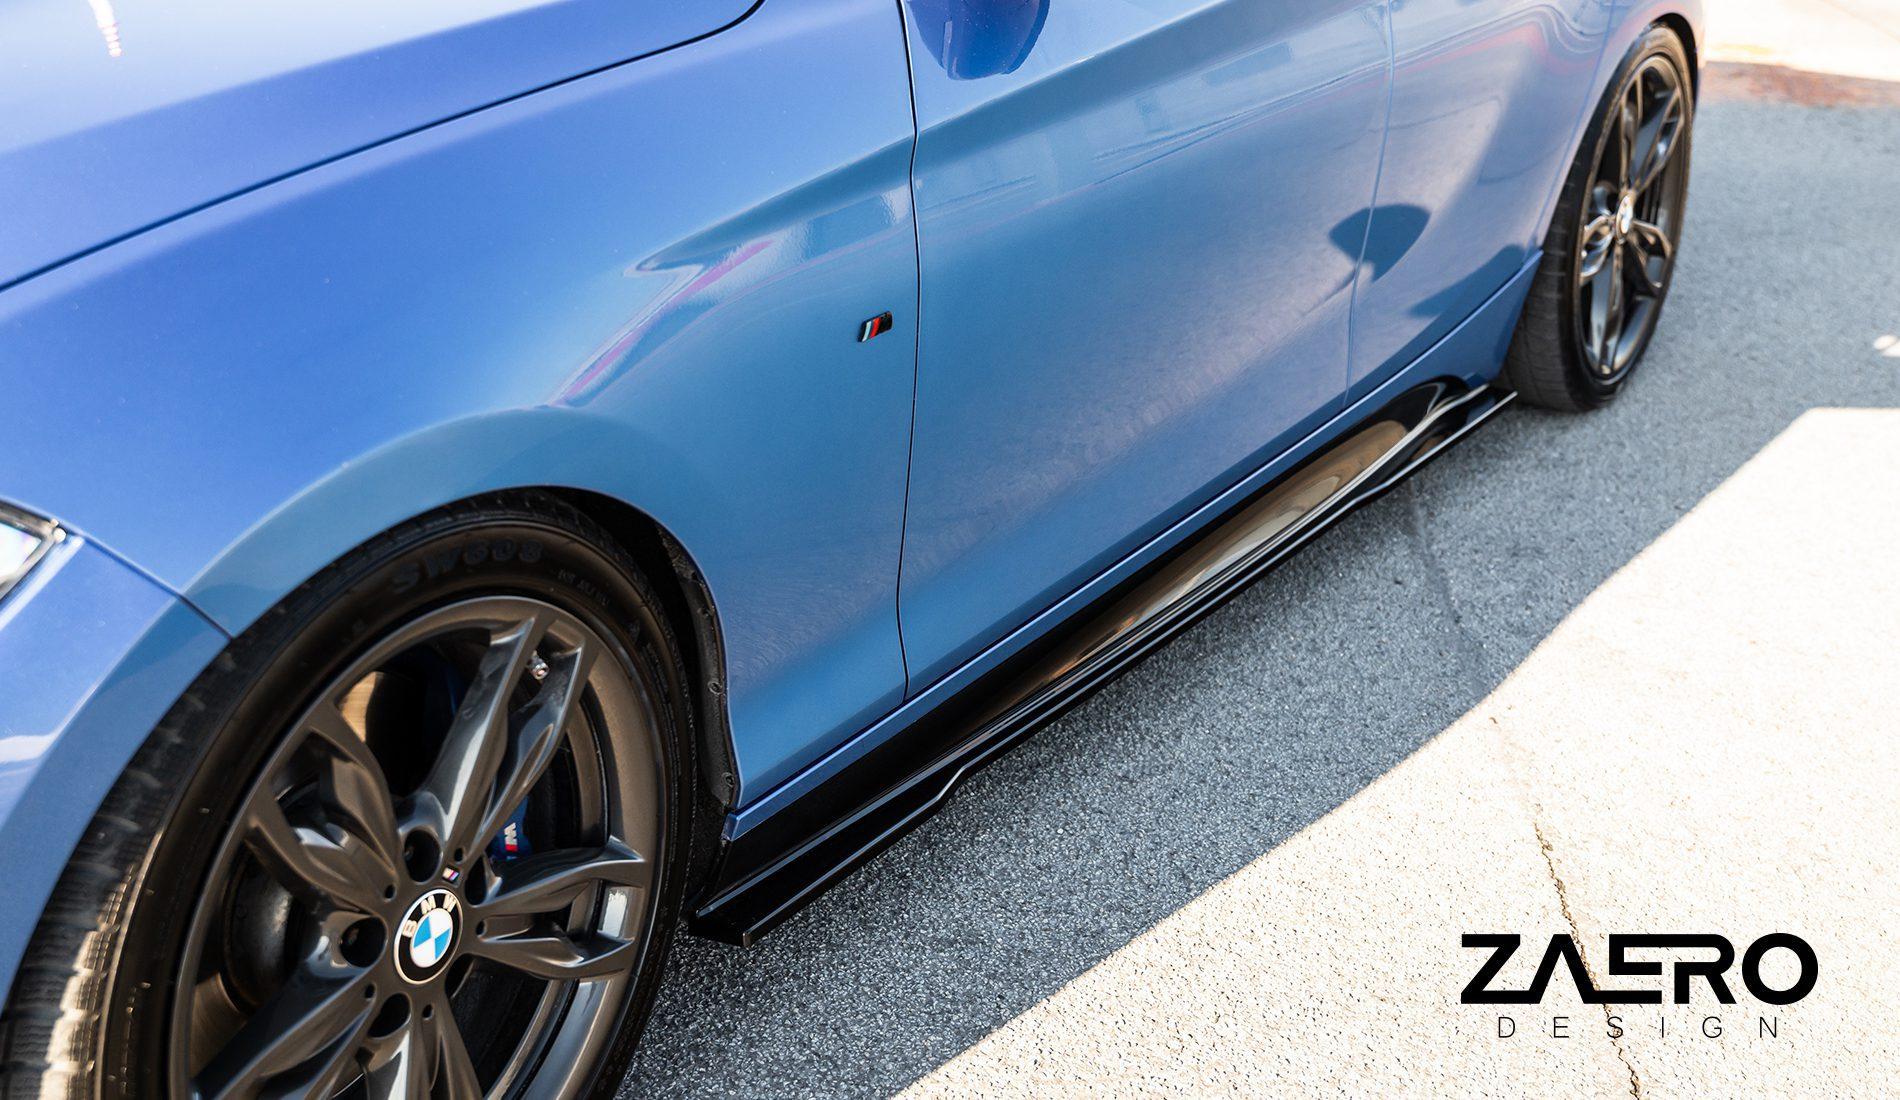 ZAERO-DESIGN-EVO-1-SEITENSCHWELLER-FÜR-BMW-1ER-116i-118i-120i-125i-M135-F20-F21-SCHWELLER-SEITENLEISTEN-BODYKIT-DIFFUSOR-FLAPS-ANSATZ